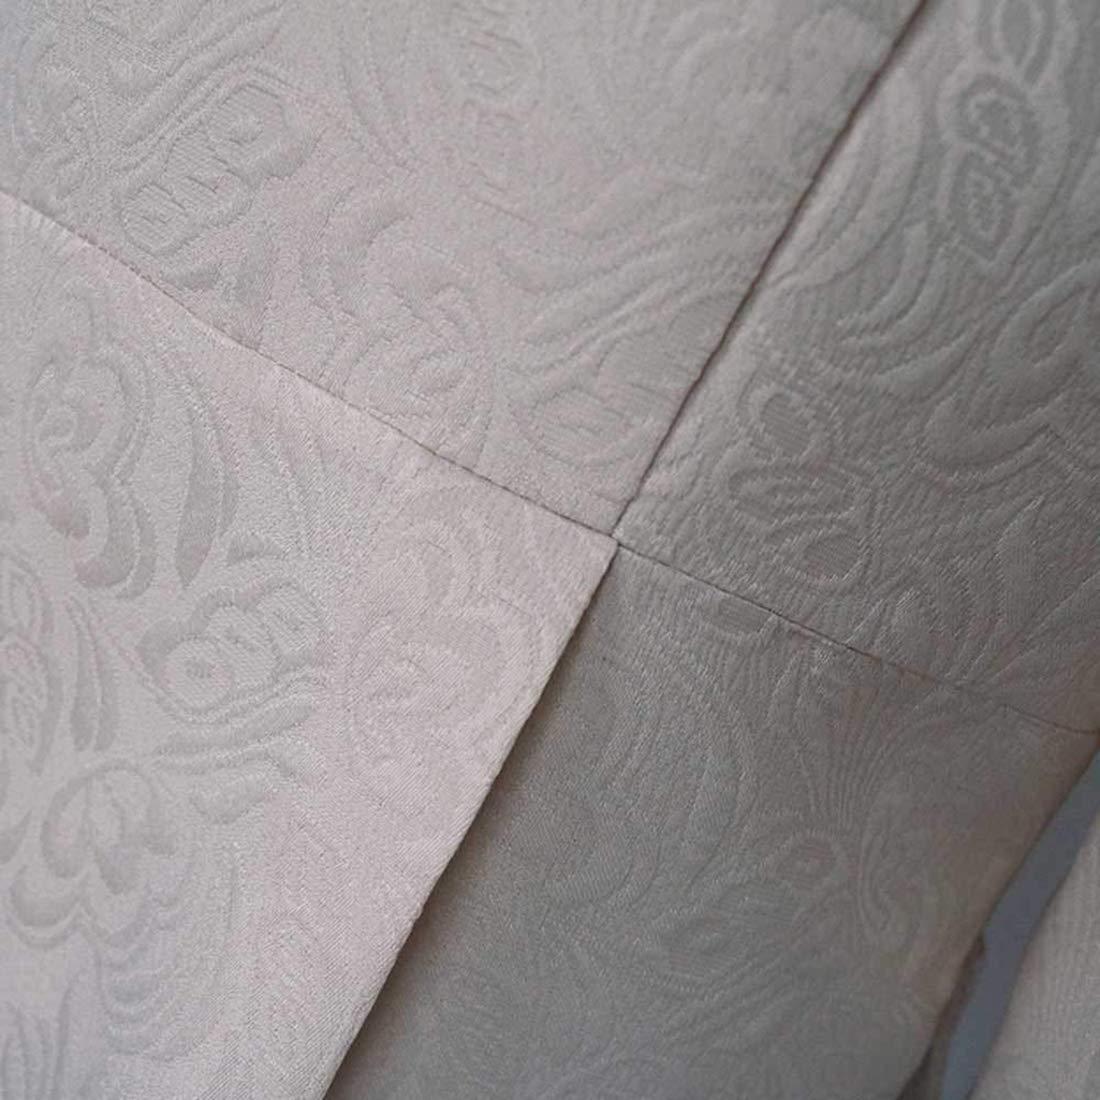 FuliMall Cappotto Lungo da Uomo Steampunk Gothic Vintage Giacca Uomo Inverno Caldo Vintage Frac Giacca Cappotto Outwear Bottoni Cappotto